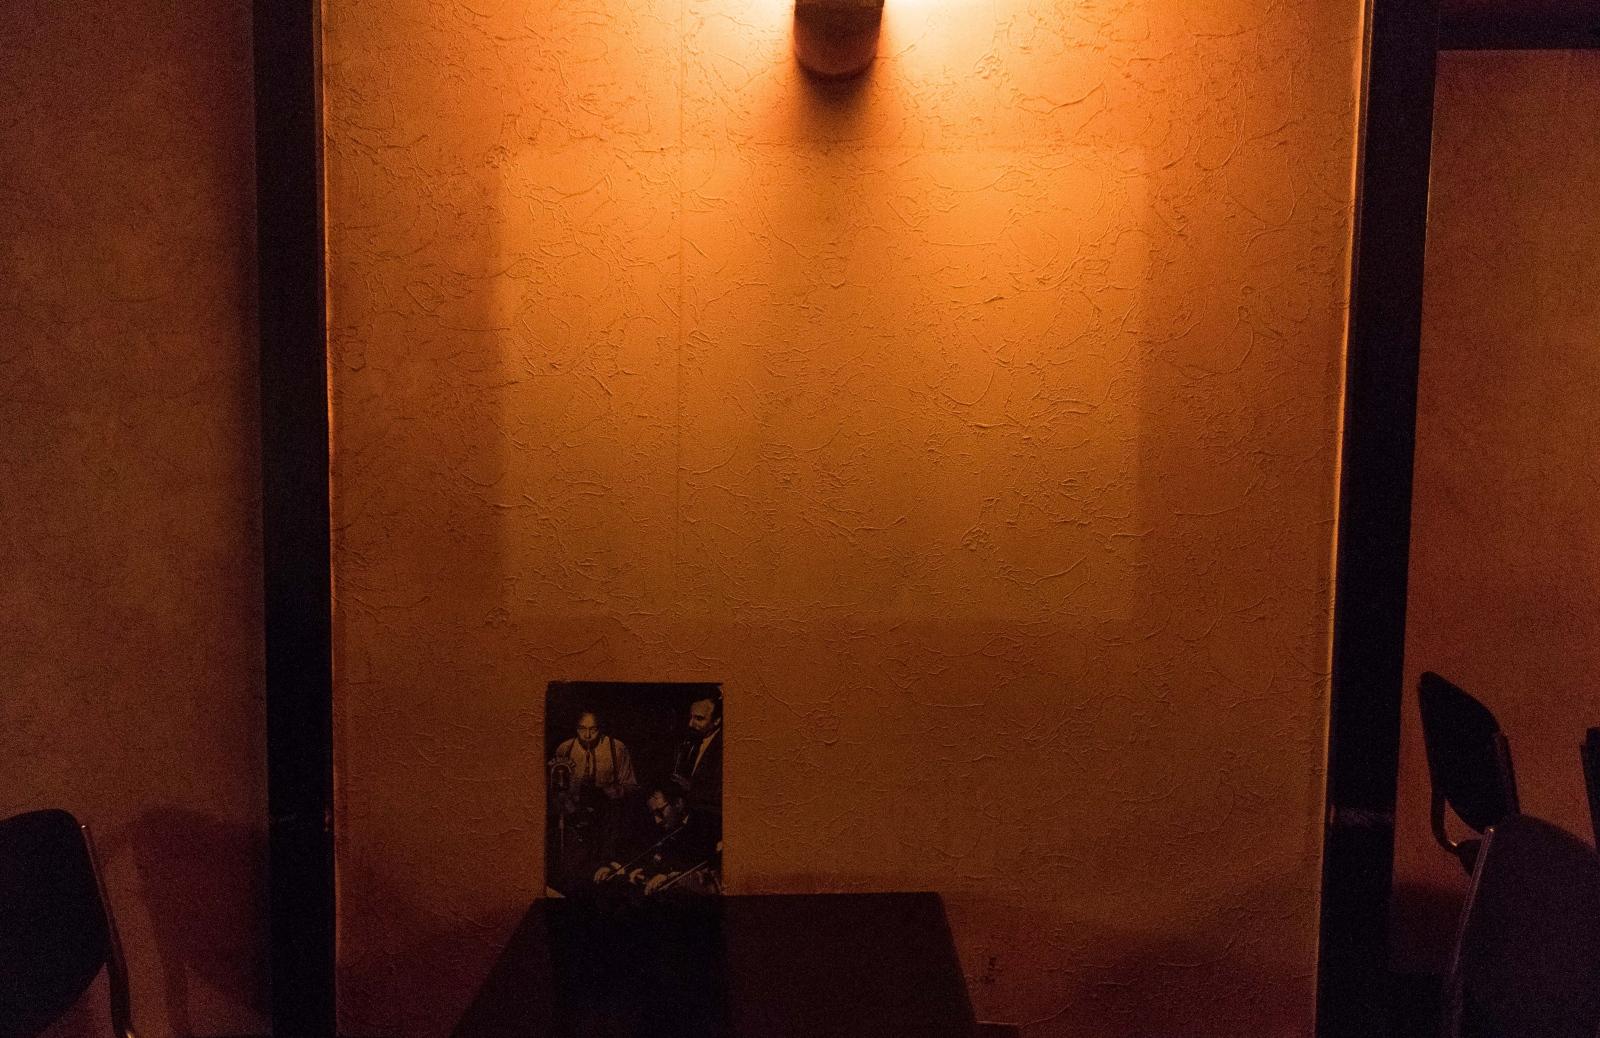 York, Kanazawa. Since 1968.